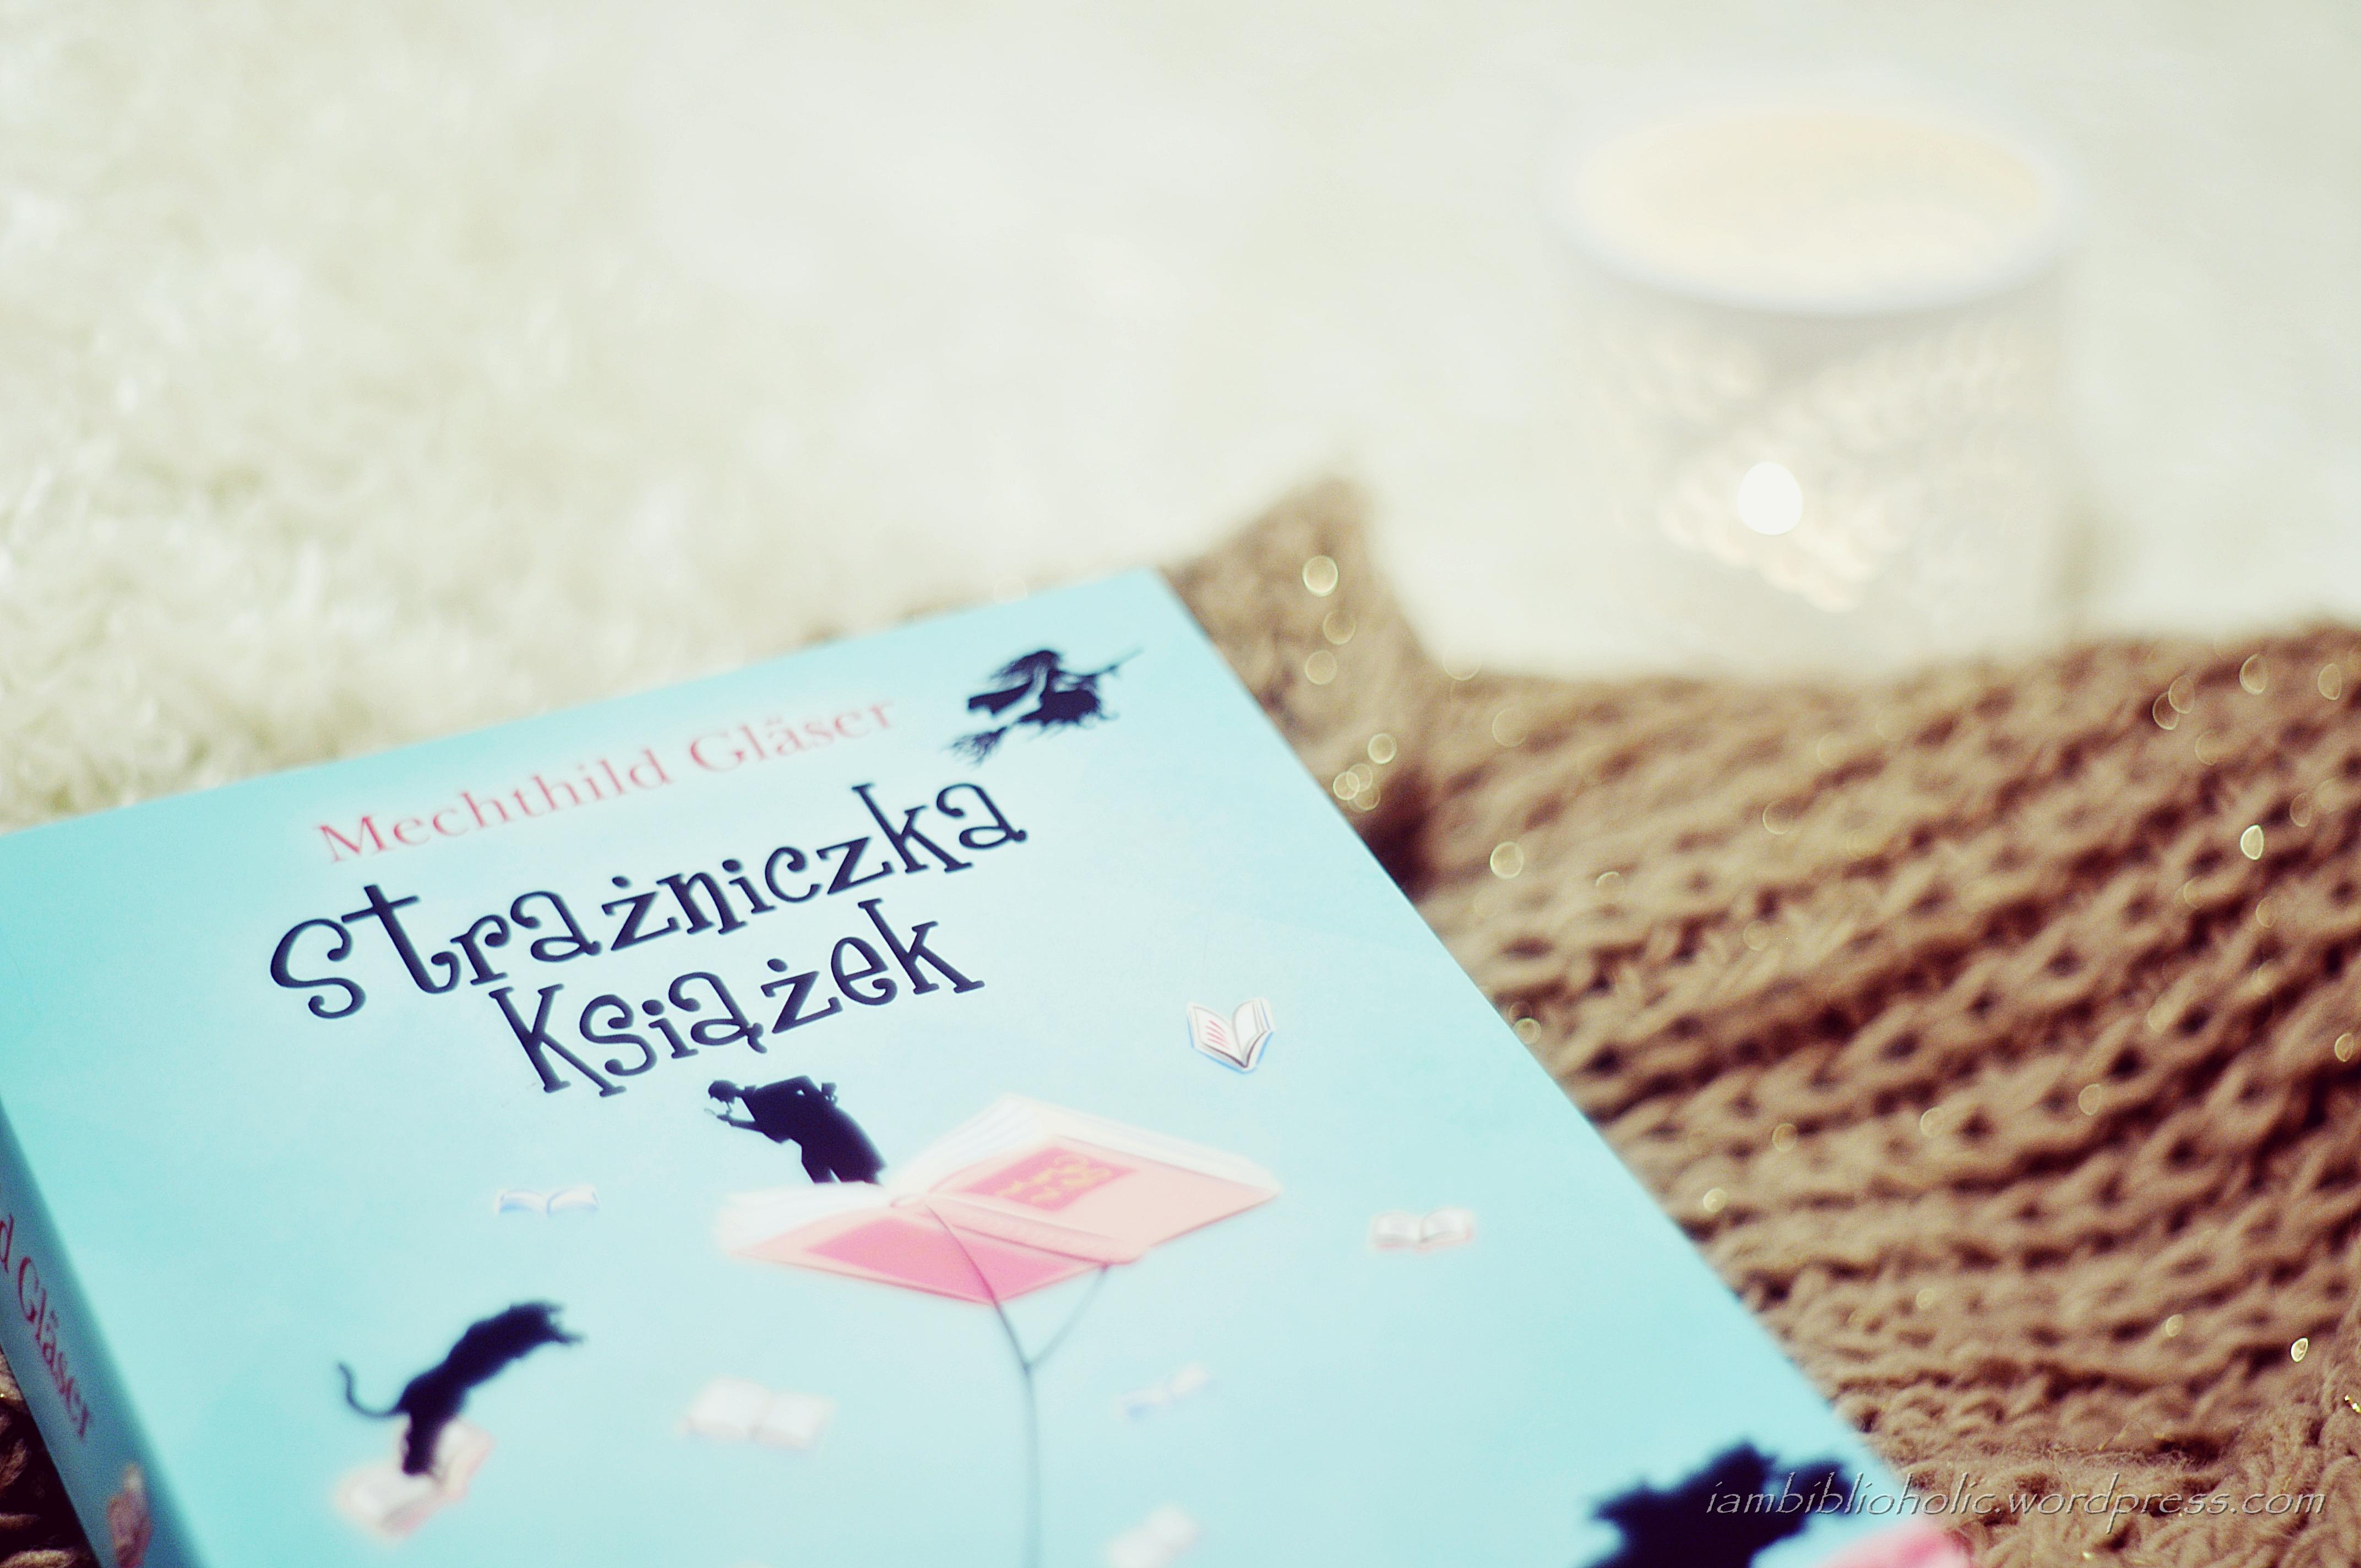 strażniczka książek recenzja mechthild glaser iambiblioholic welkinson